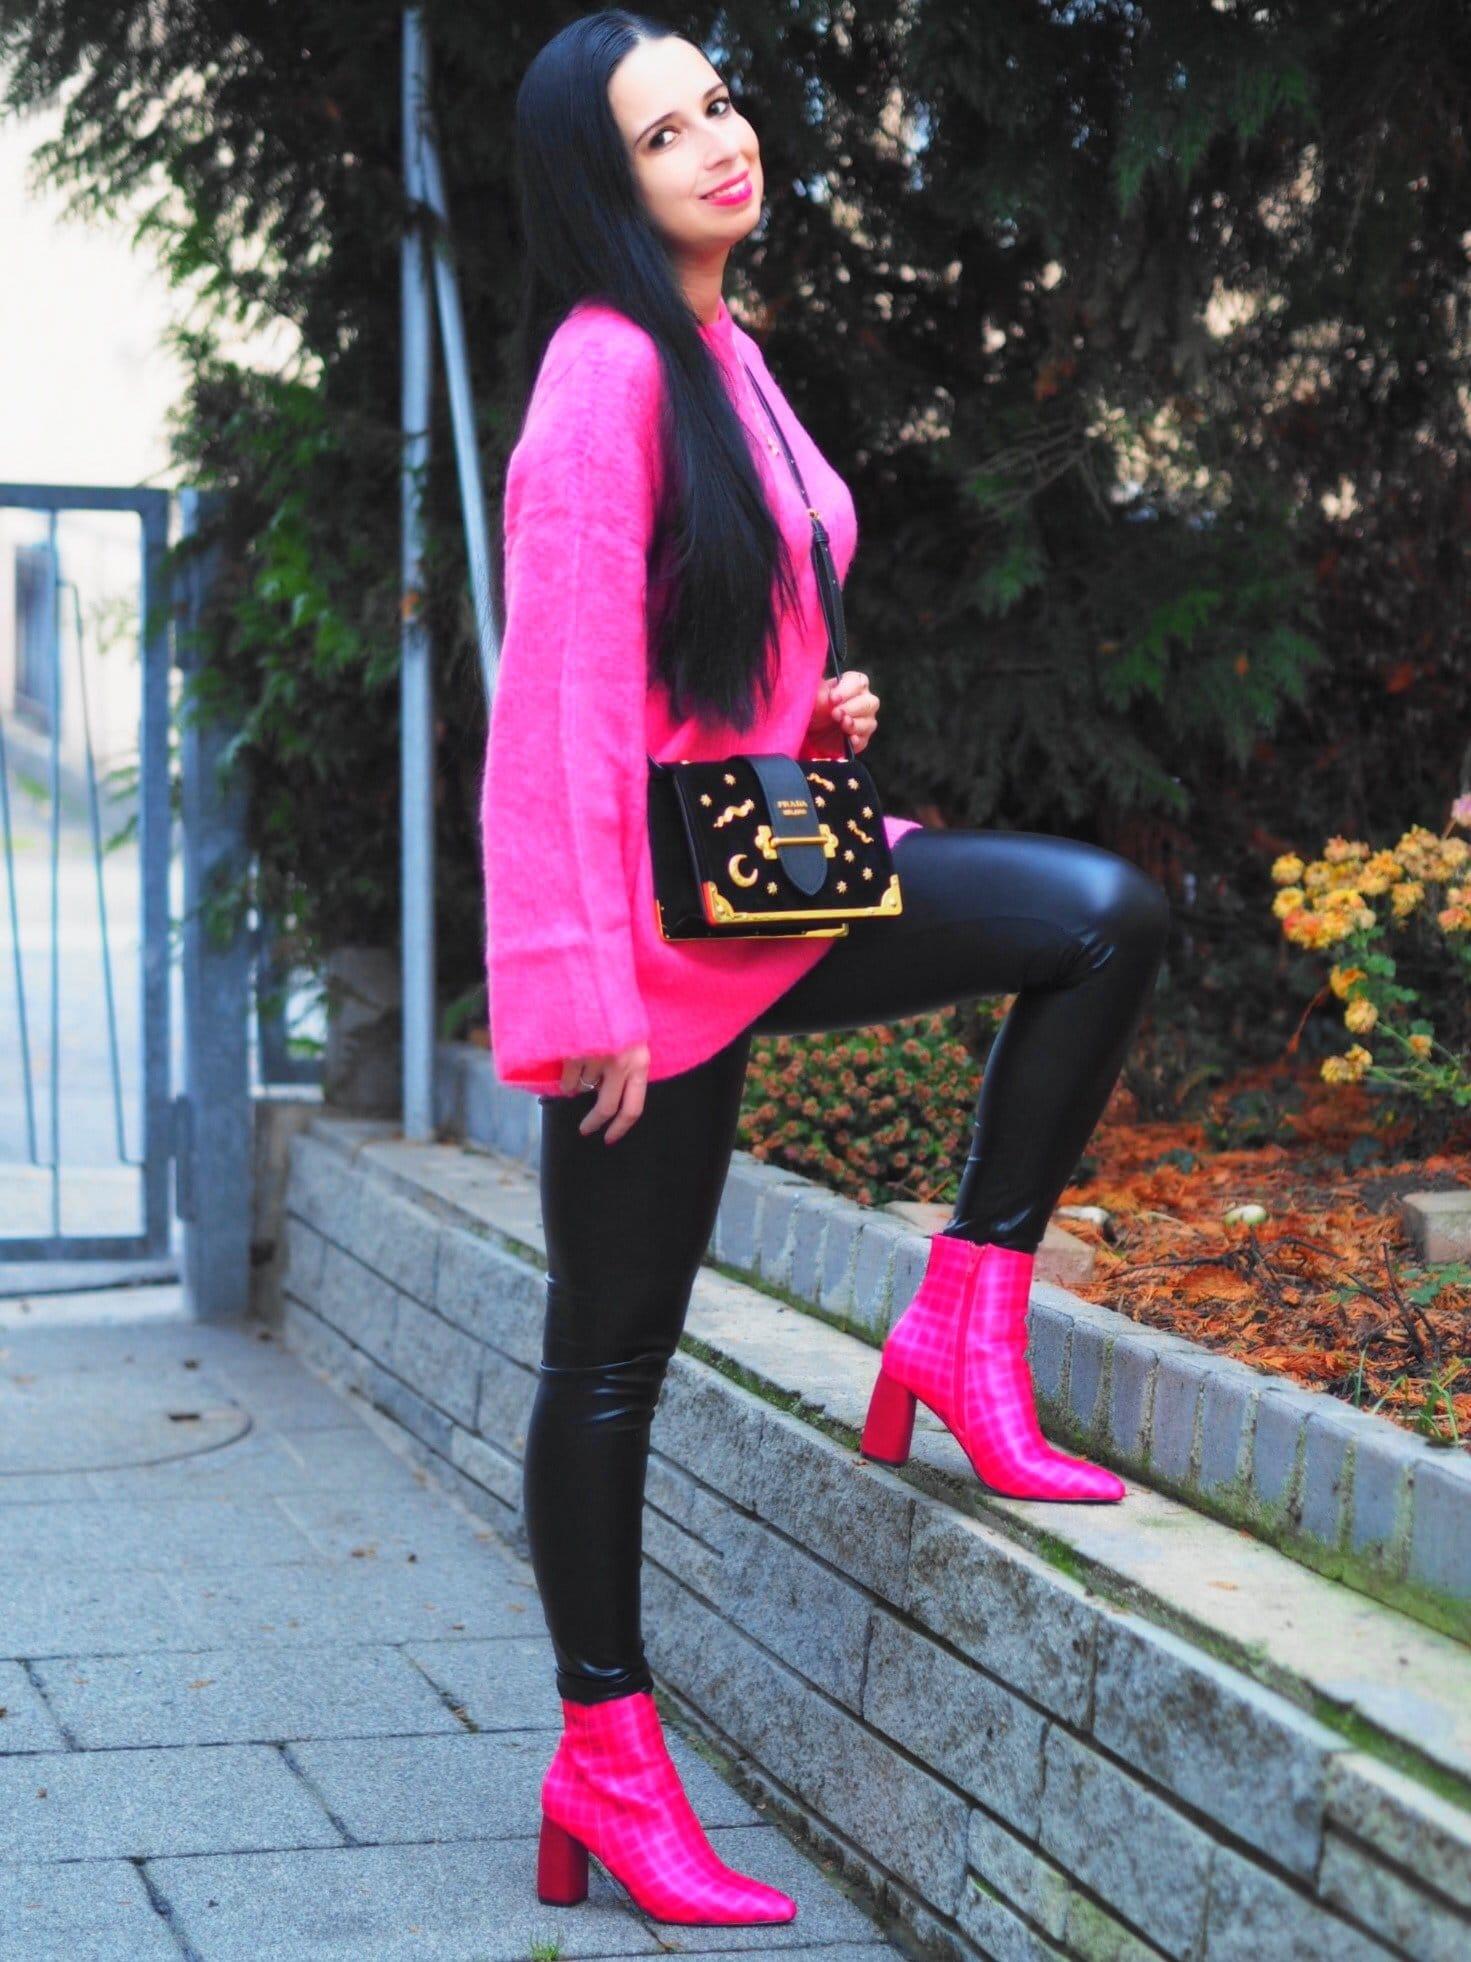 Heute zeige ich euch auf meinem Blog ein Pink Lady - OOTD mit meiner Prada Astrology Handtasche und erzähle euch ein wenig über die Herkunft der Schnuppen